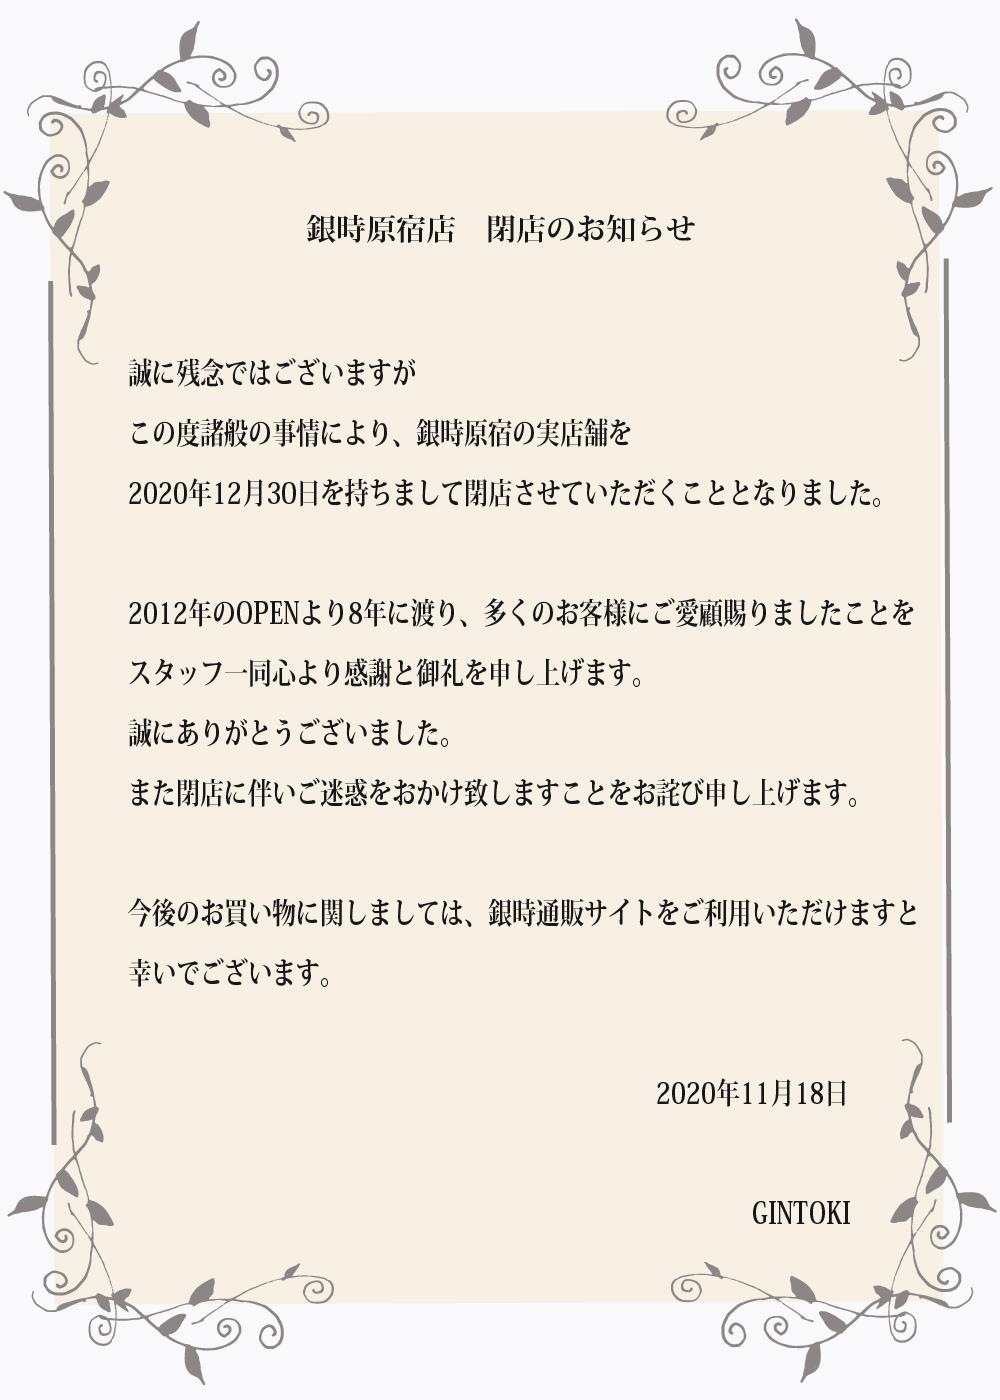 銀時原宿店 閉店のお知らせ